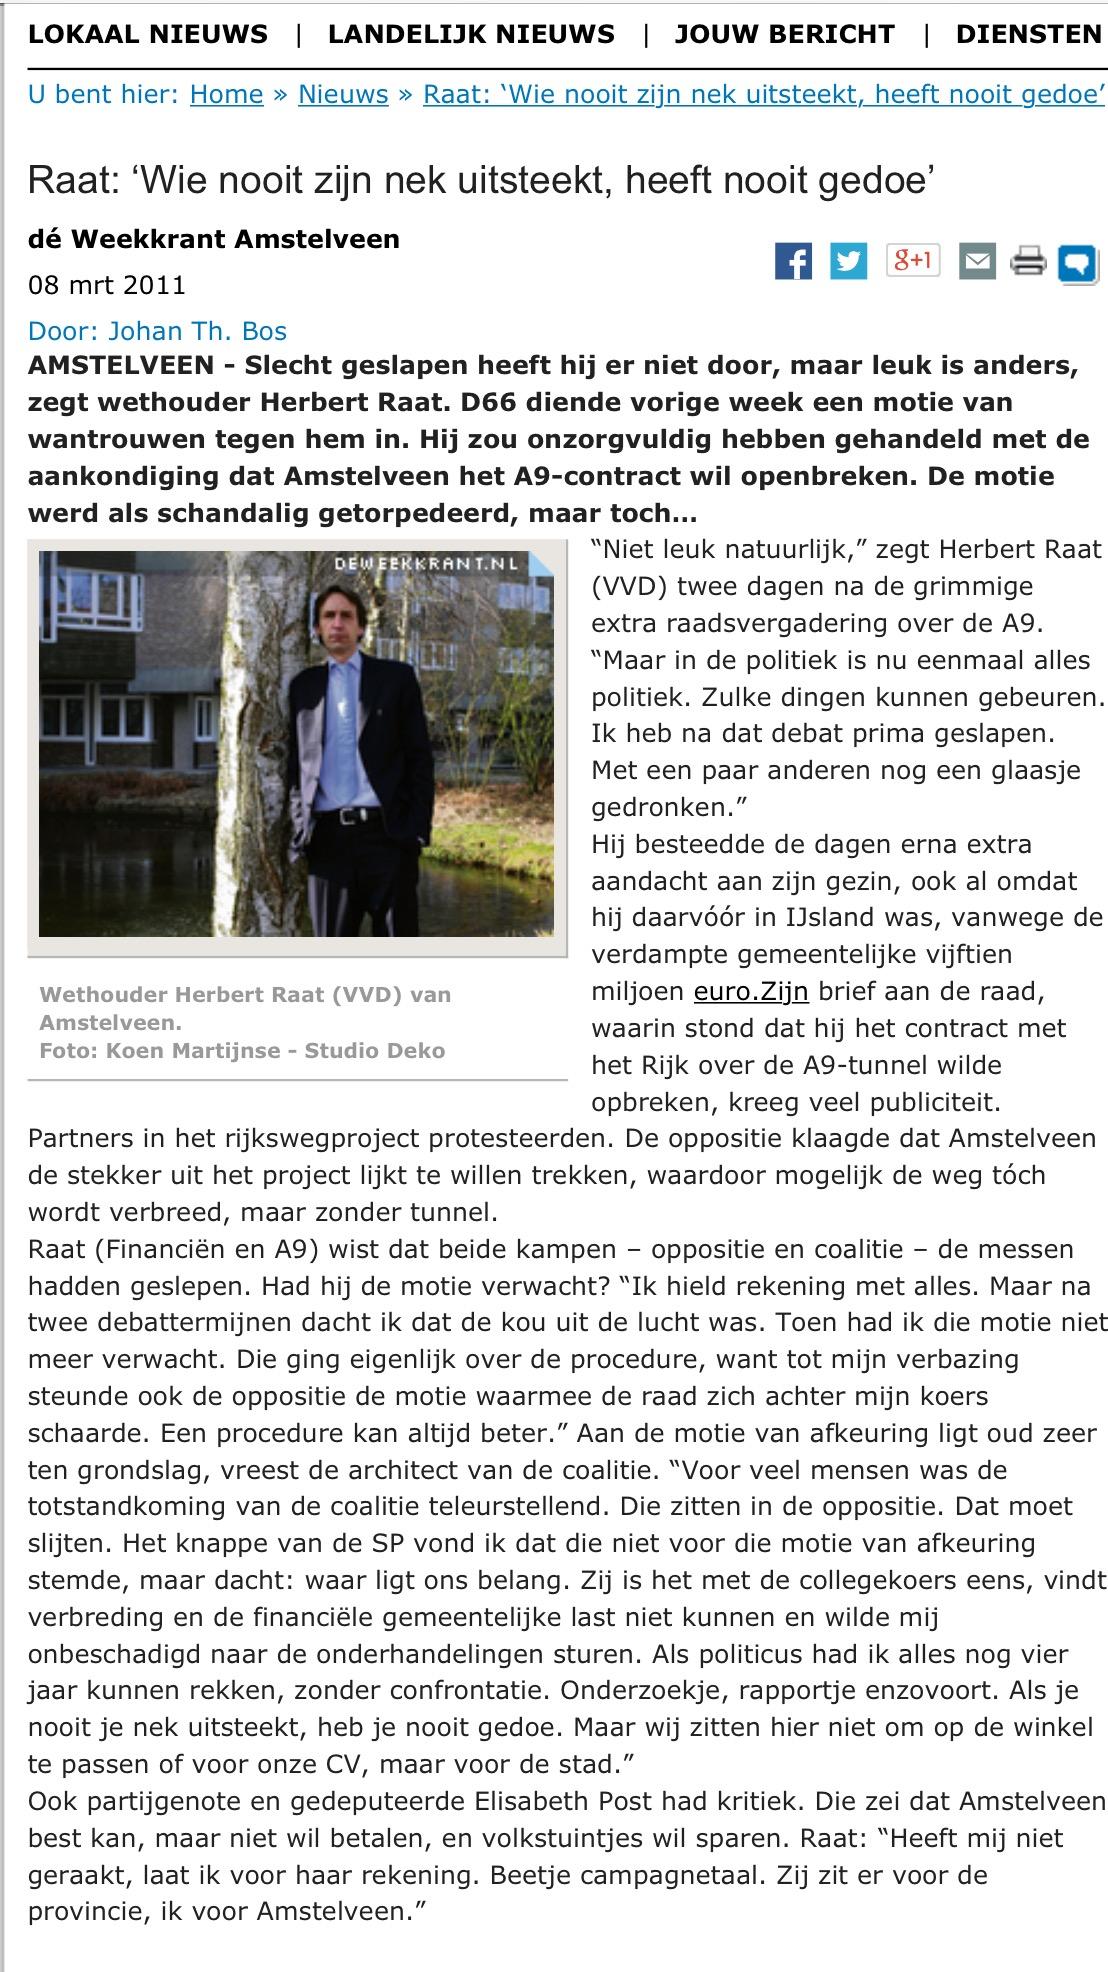 2011-8 maart A9 de weekkrant motie van afkeuring herbert raat